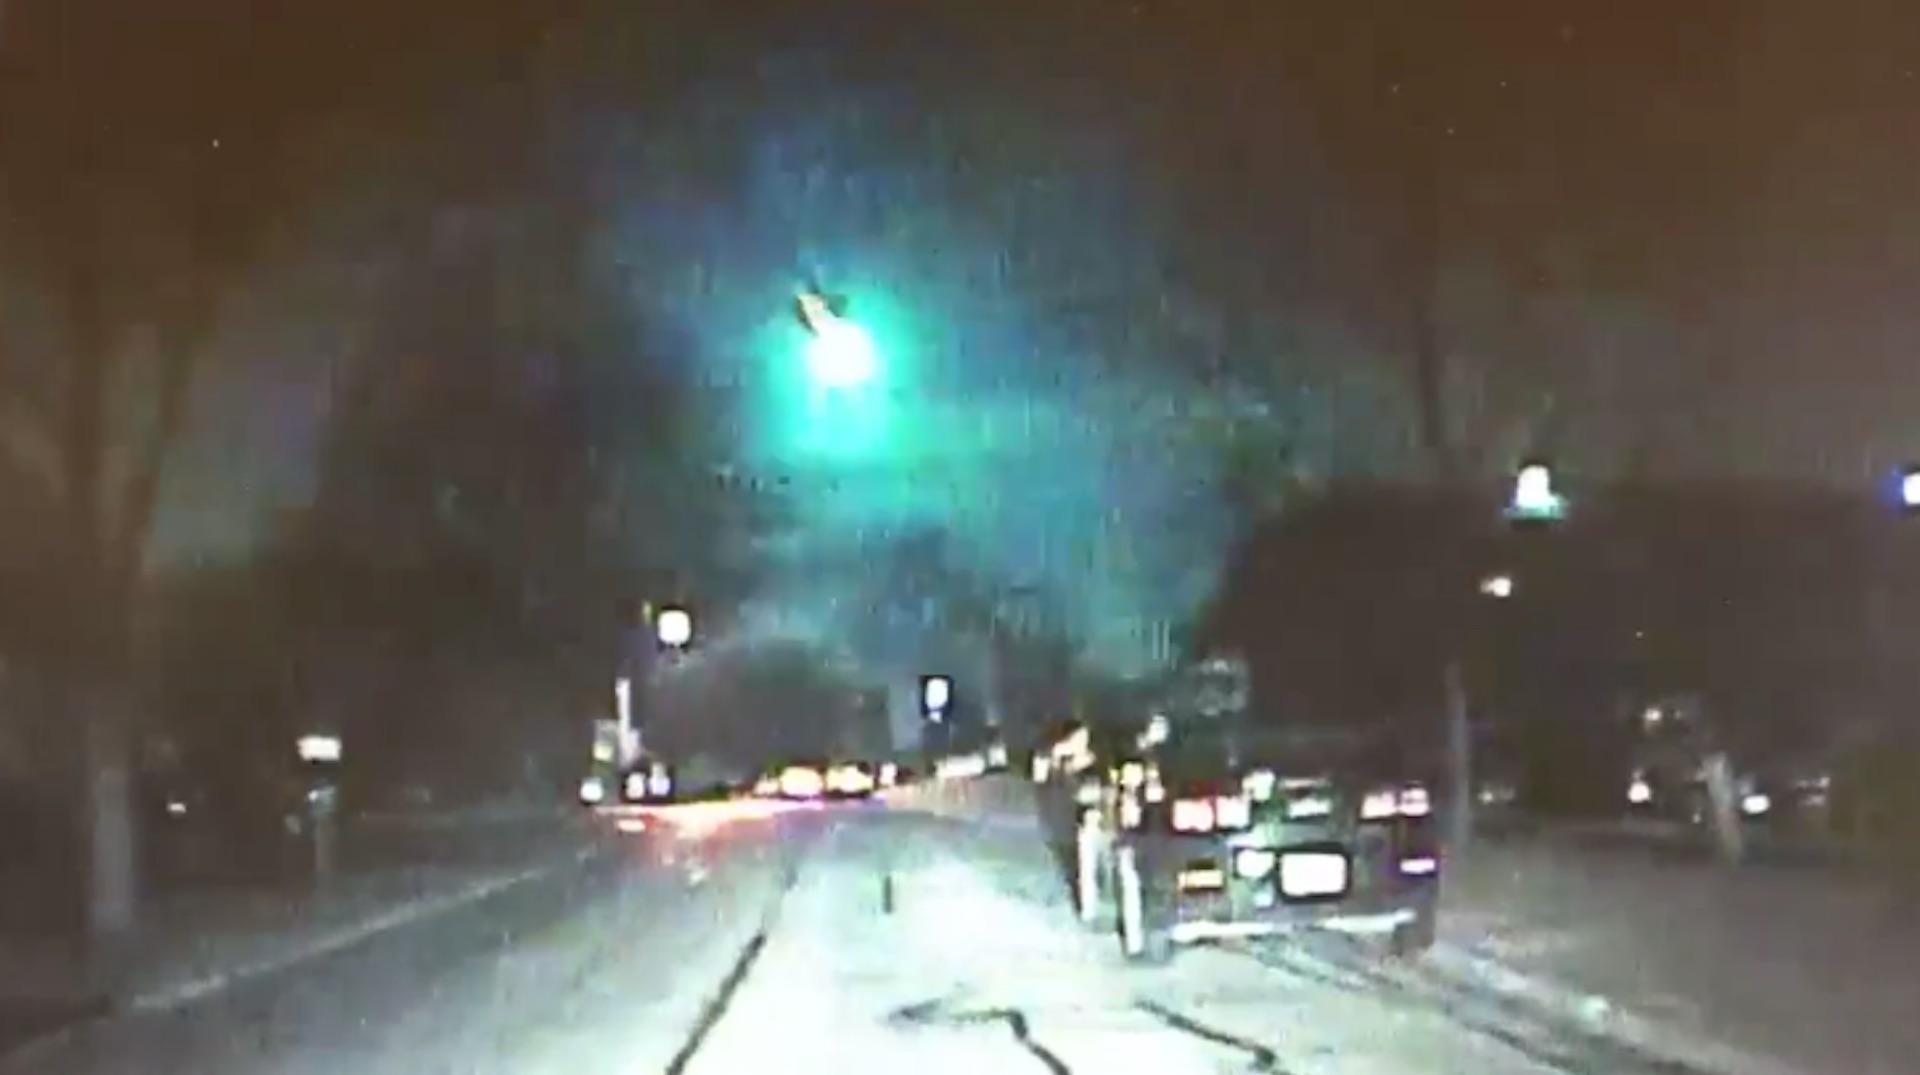 Meteor lights up night sky in Illinois - The Washington Post